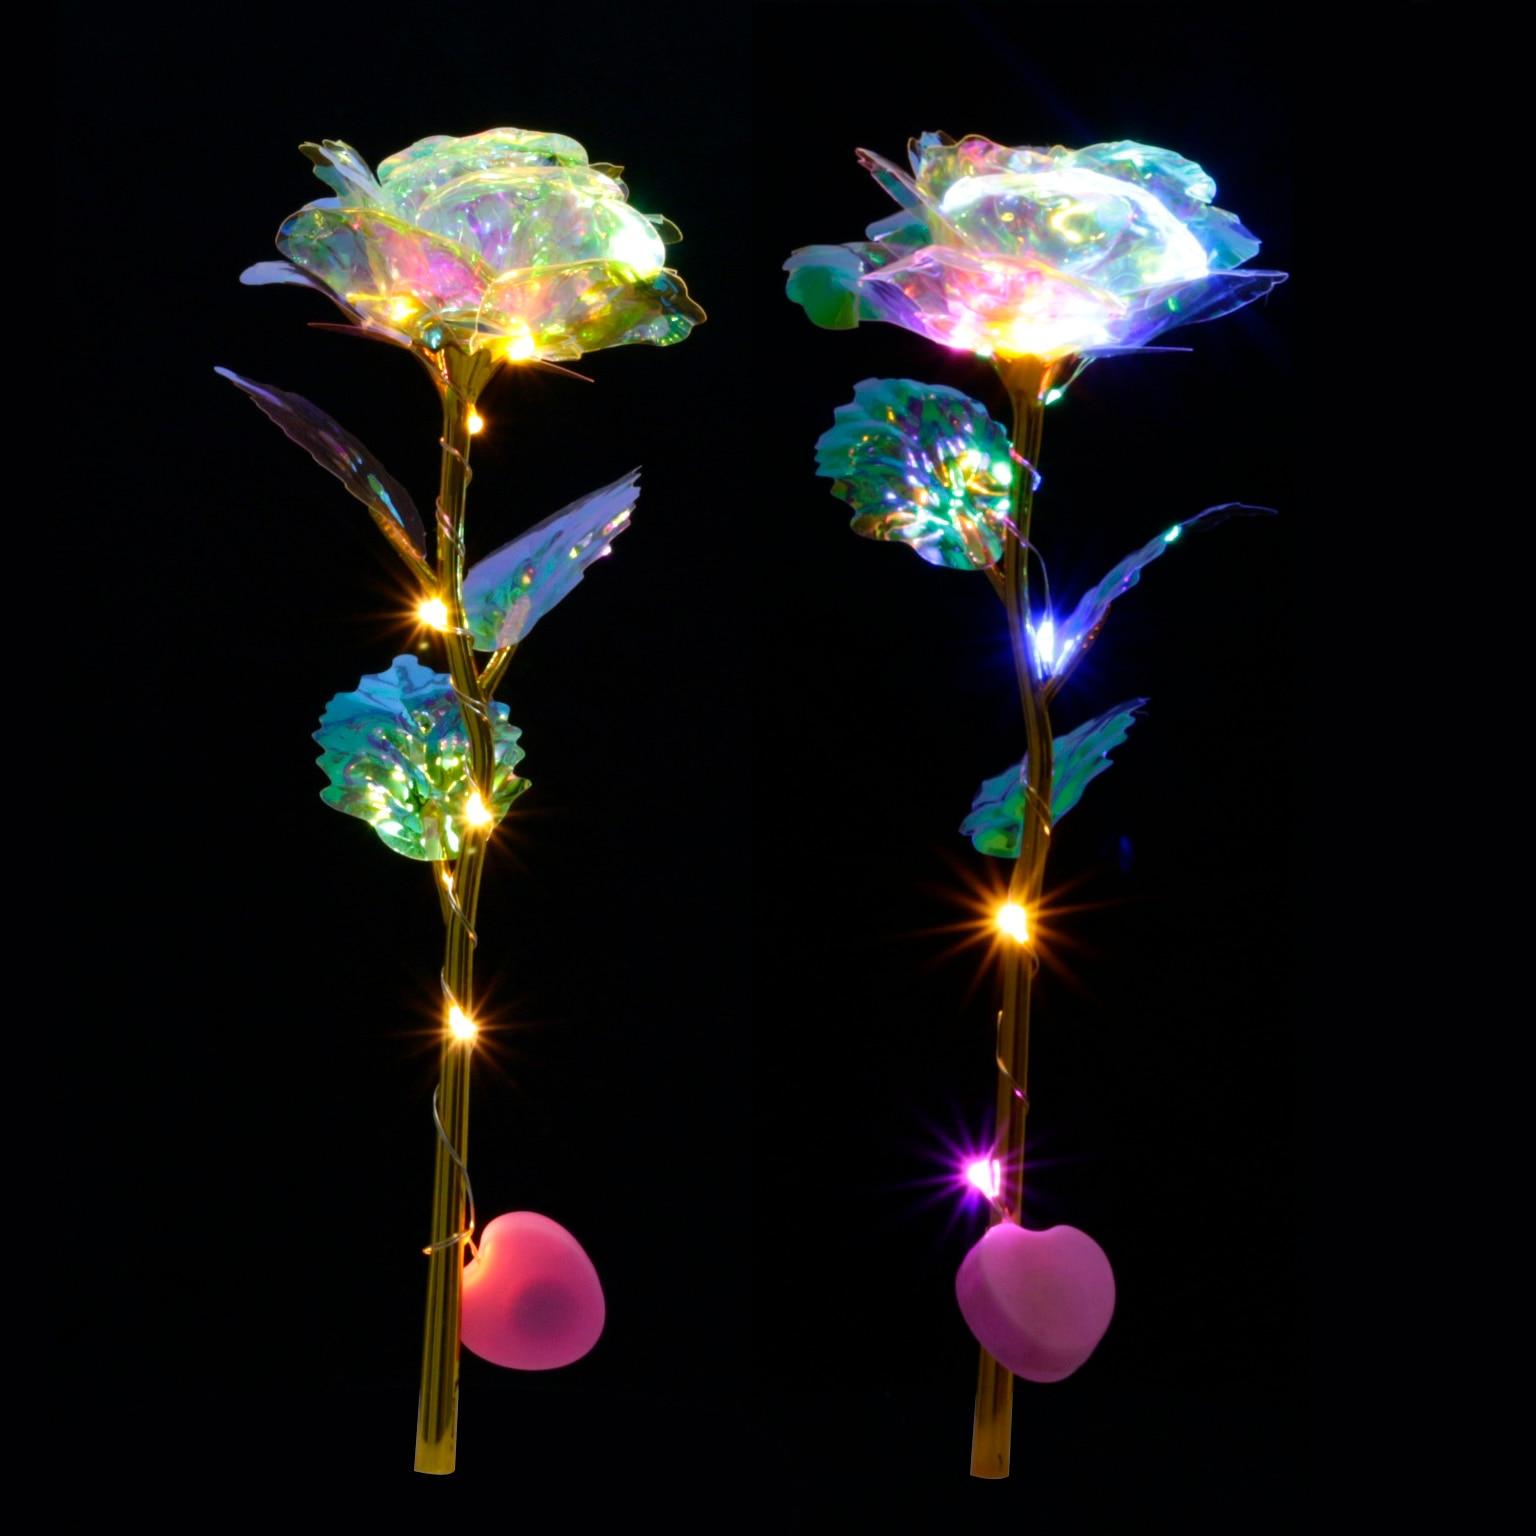 Романтическая красочная светодиодная сказочная Роза, искусственные галактические розы, цветы для девочки, подруги, подарок на день Святого Валентина, Свадебная вечеринка, домашний декор